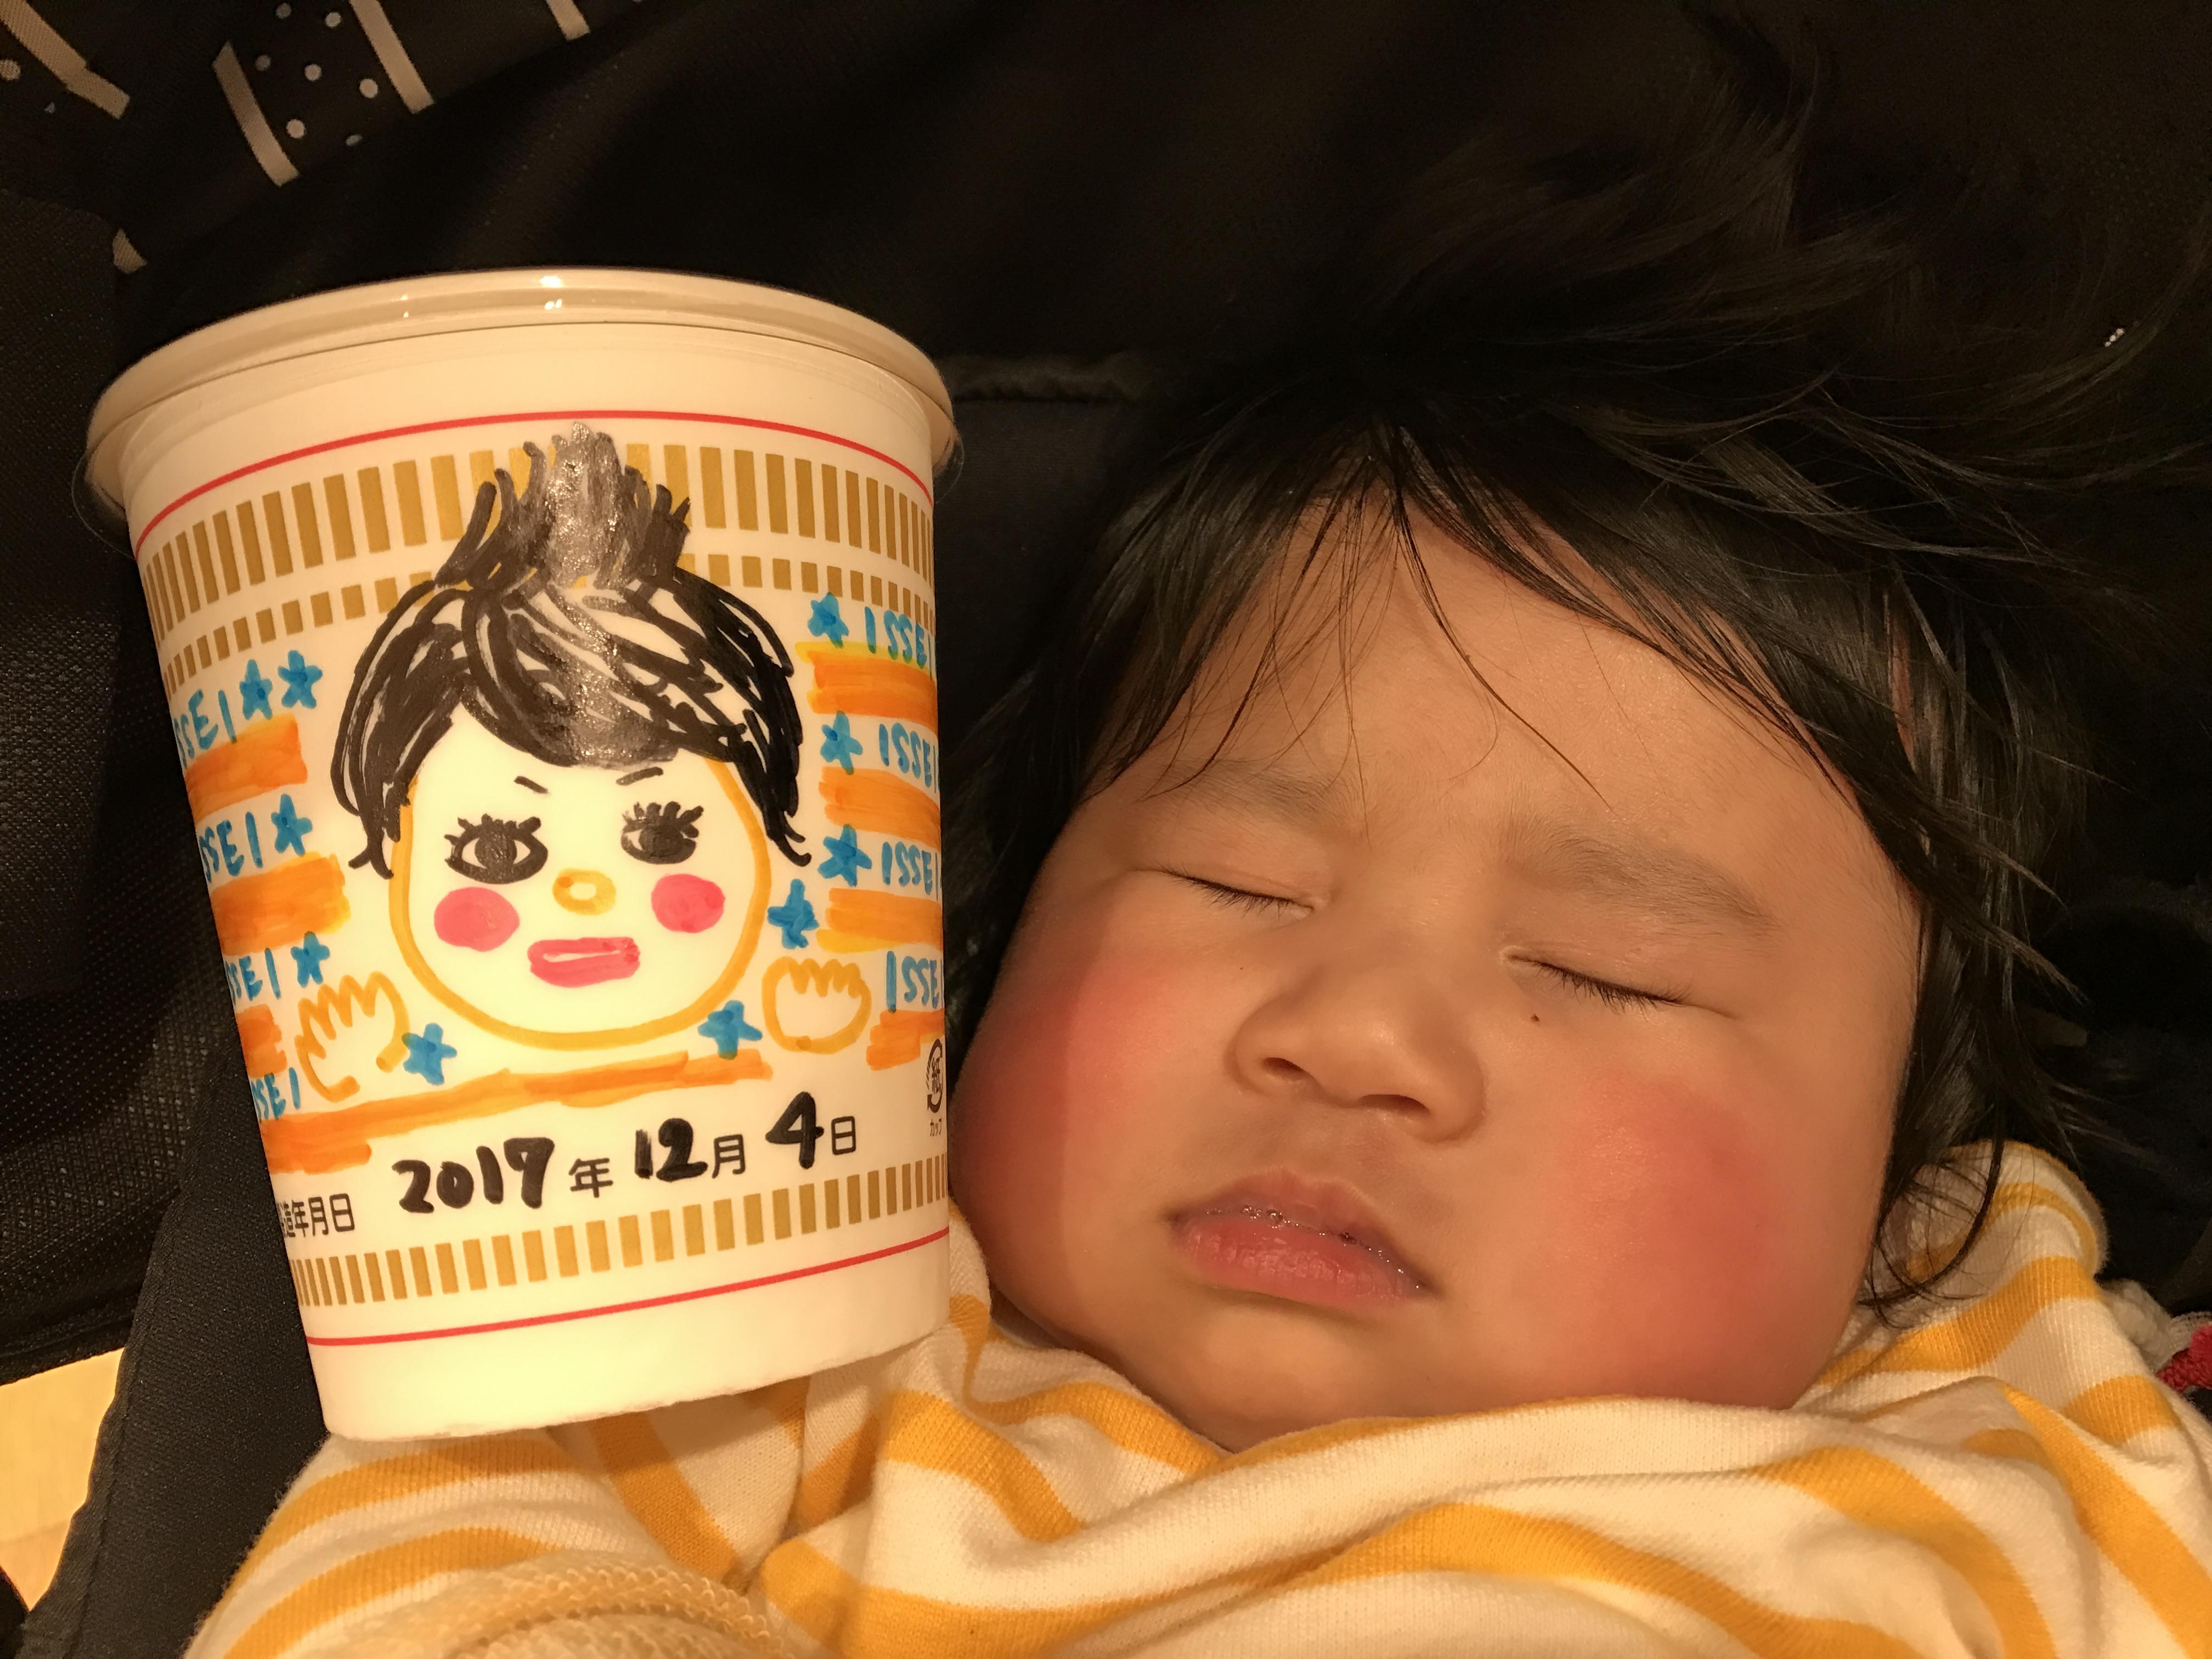 オリジナルカップヌードル作りが楽しめる♪横浜カップヌードル美術館